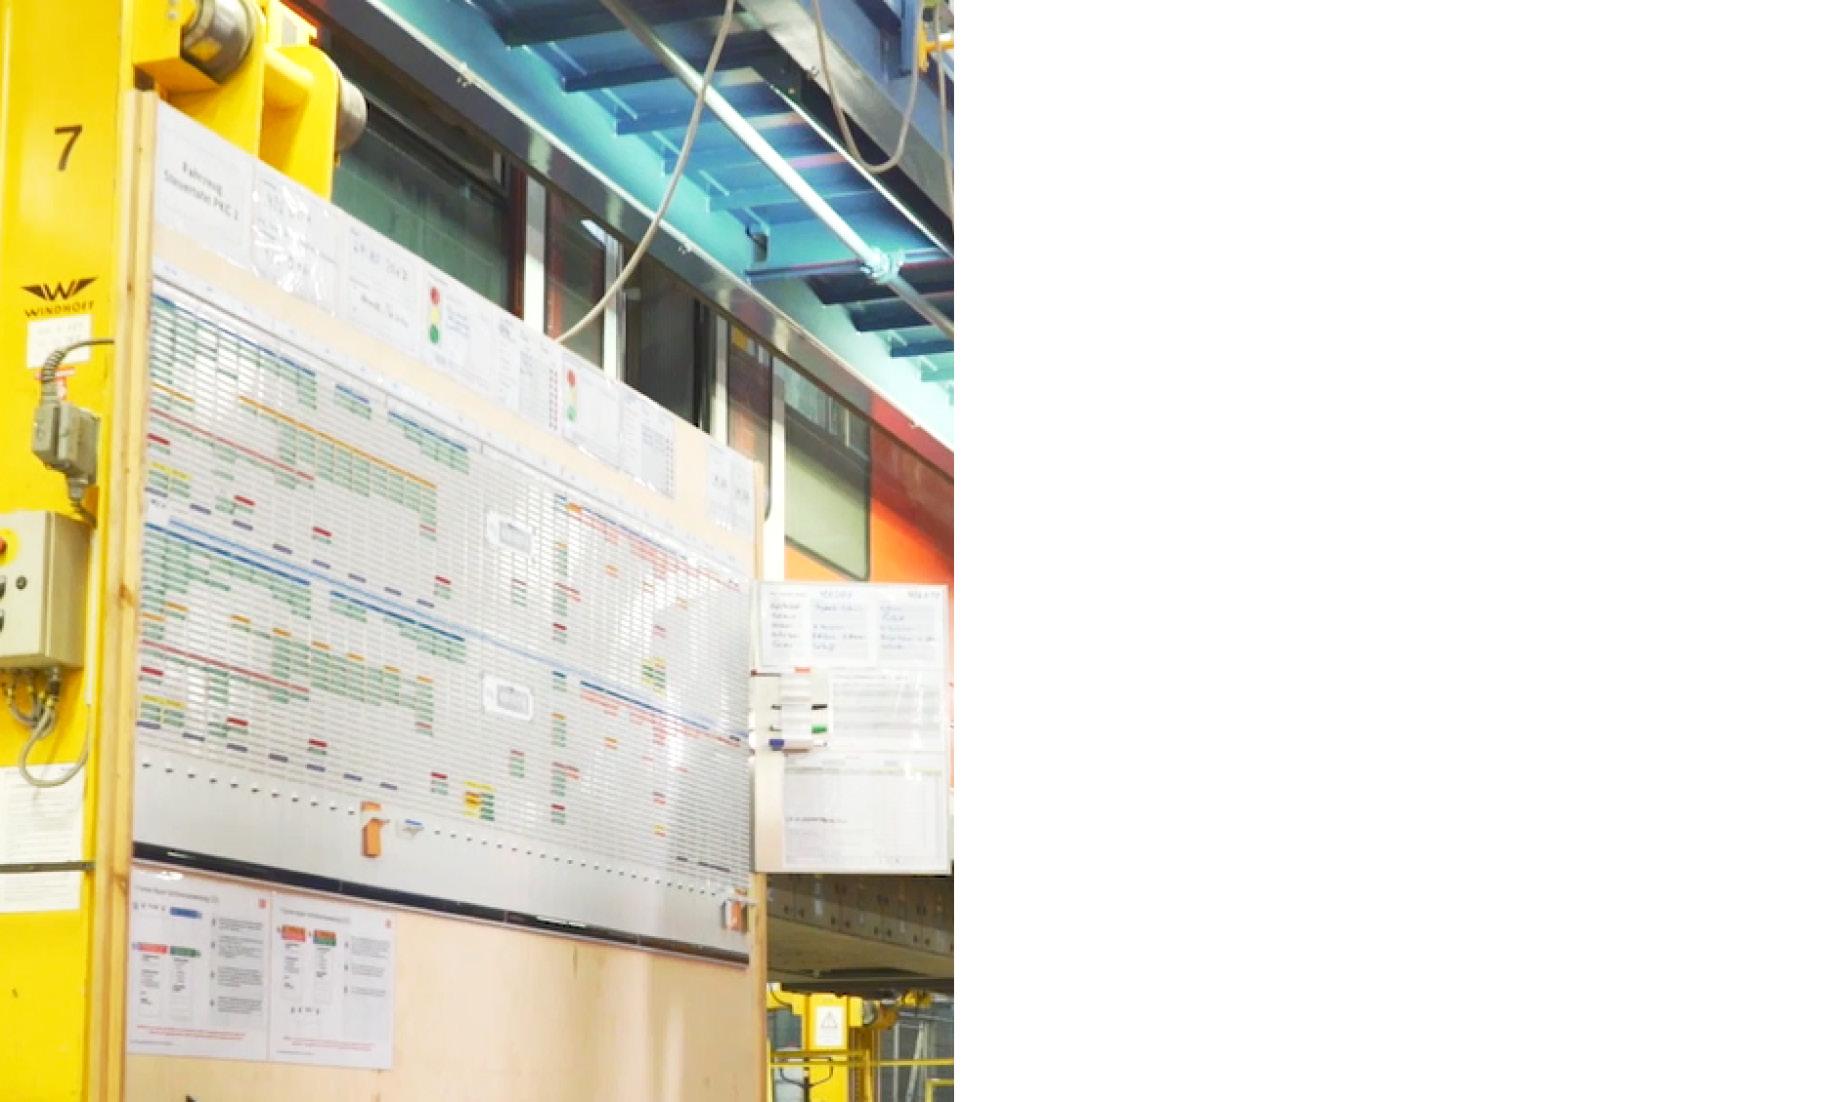 Wand mit Steuerungsboard in einer Werkshalle